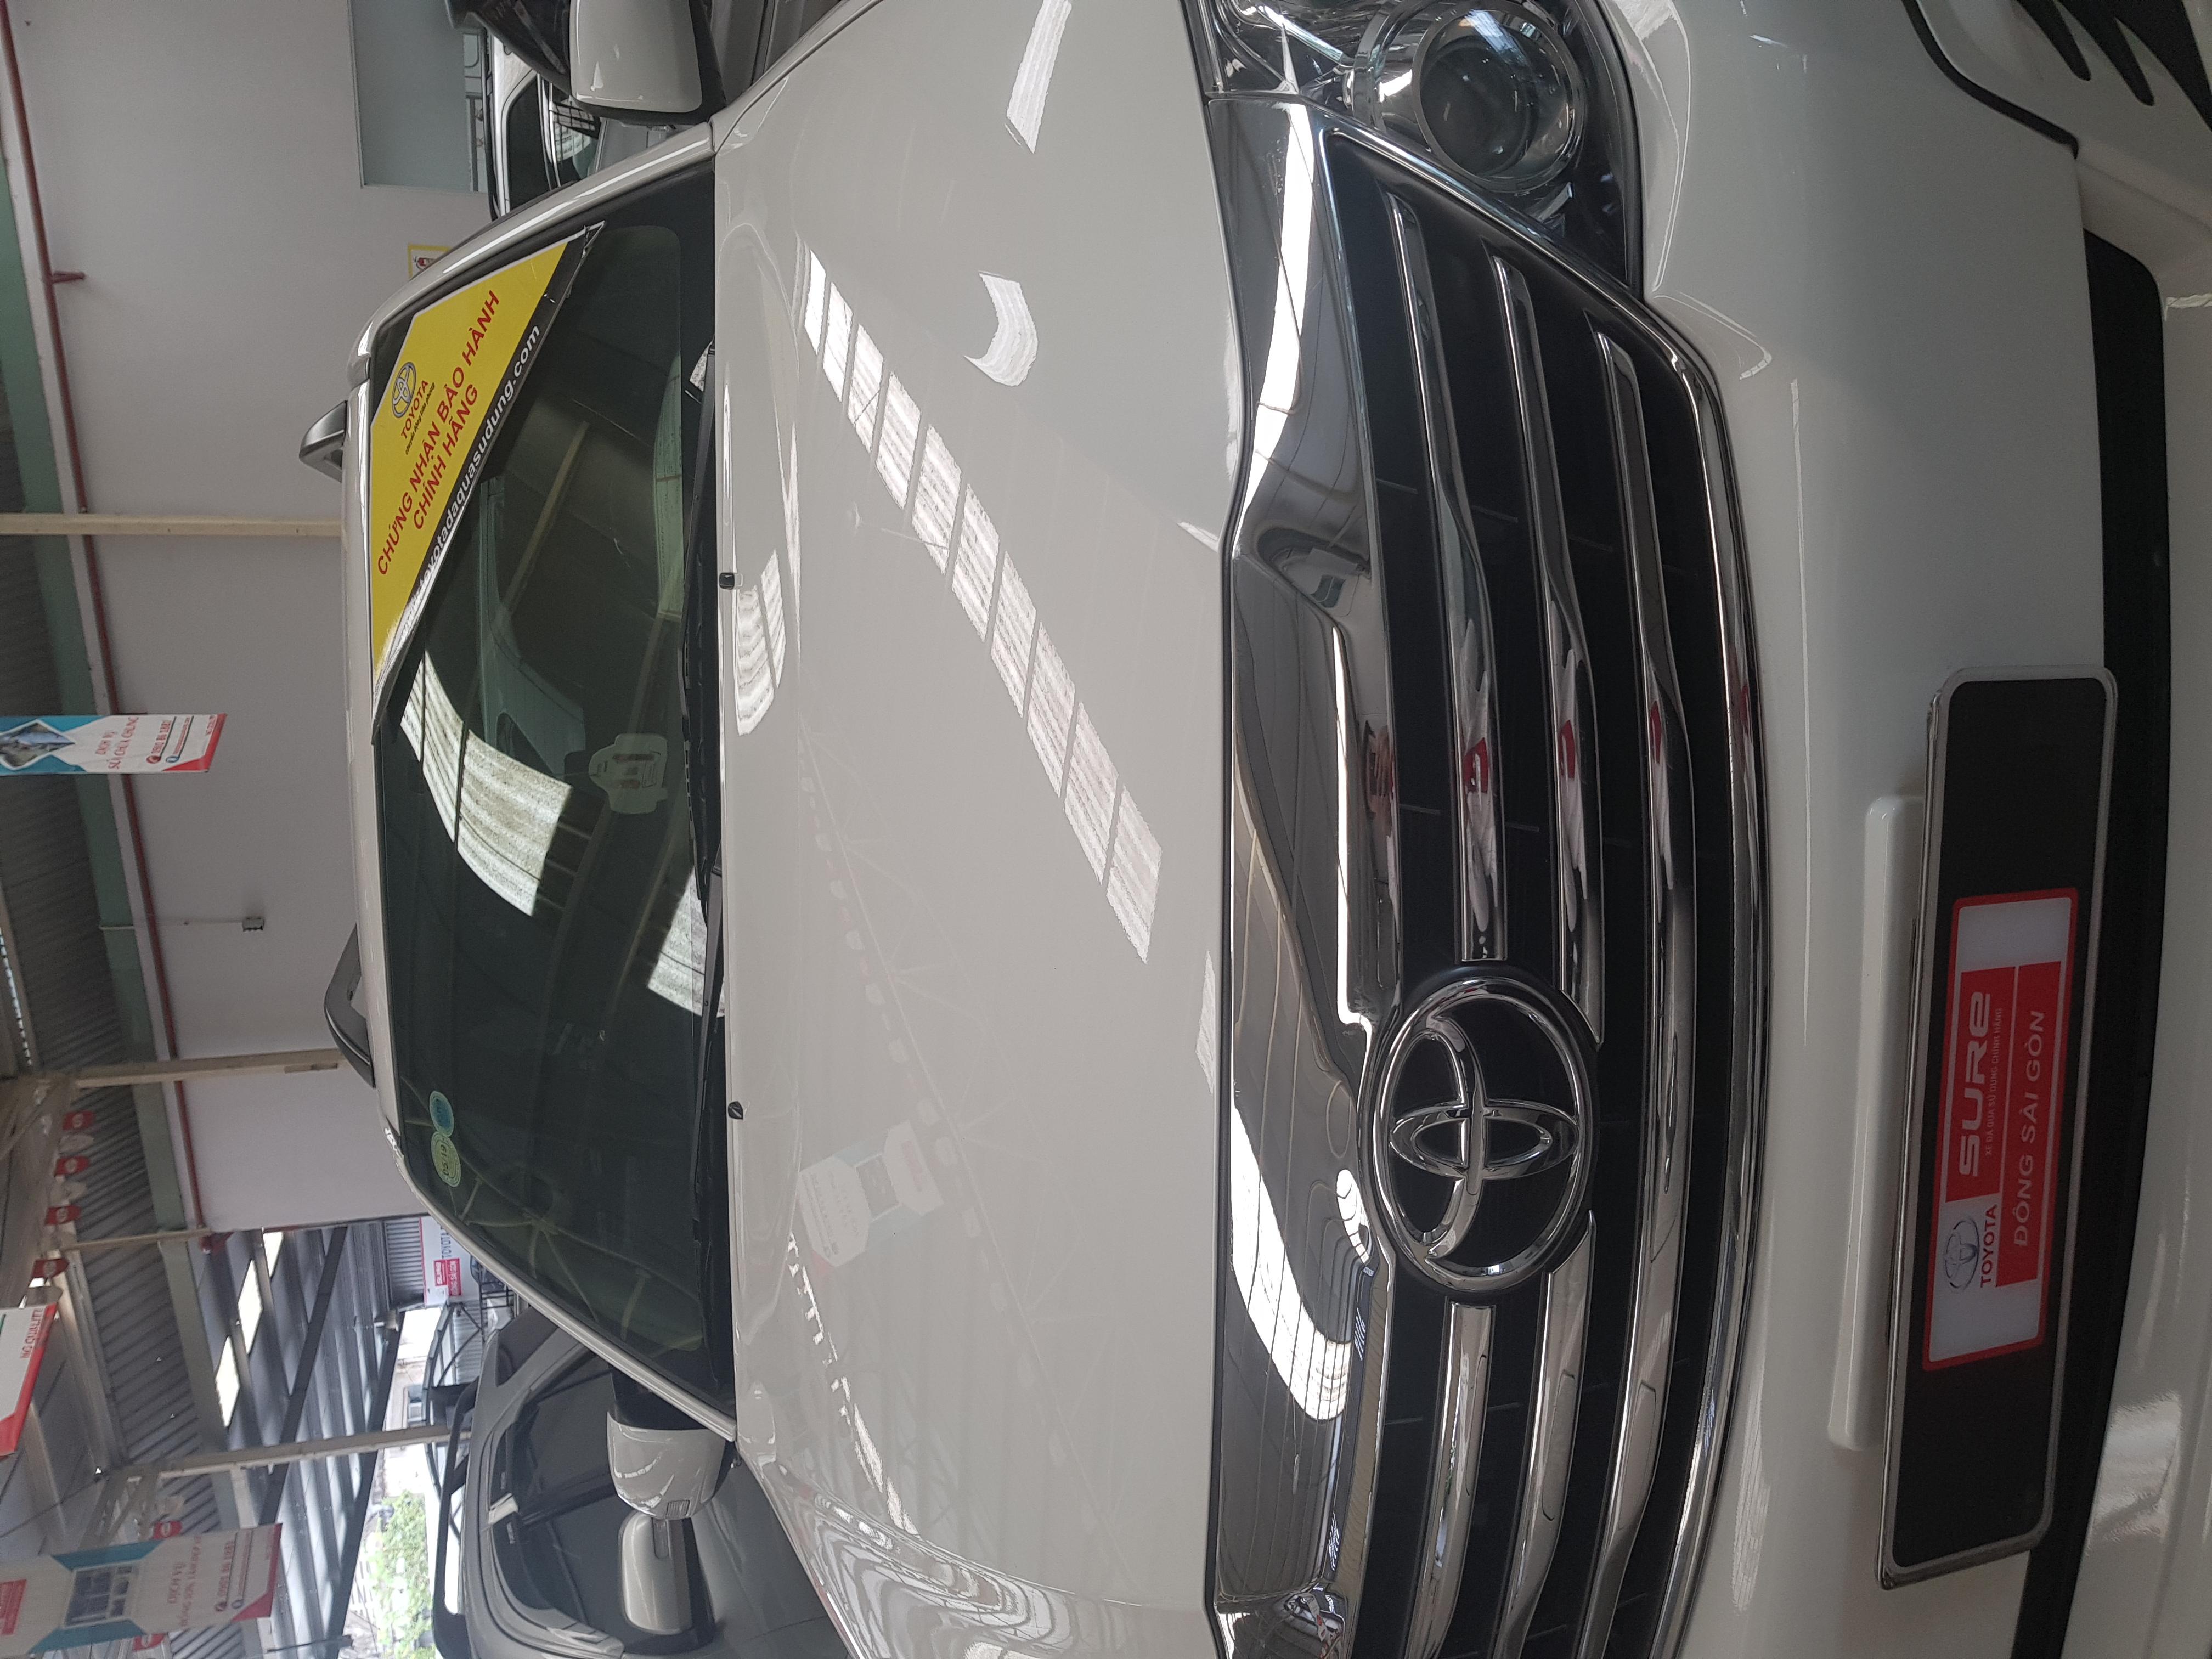 Bán xe Fortuner 2.7, trắng ,2016,  xe có hỗ trợ vay, l.hệ trung 036 686 7378 để dc hỗ trợ giá tốt ạ